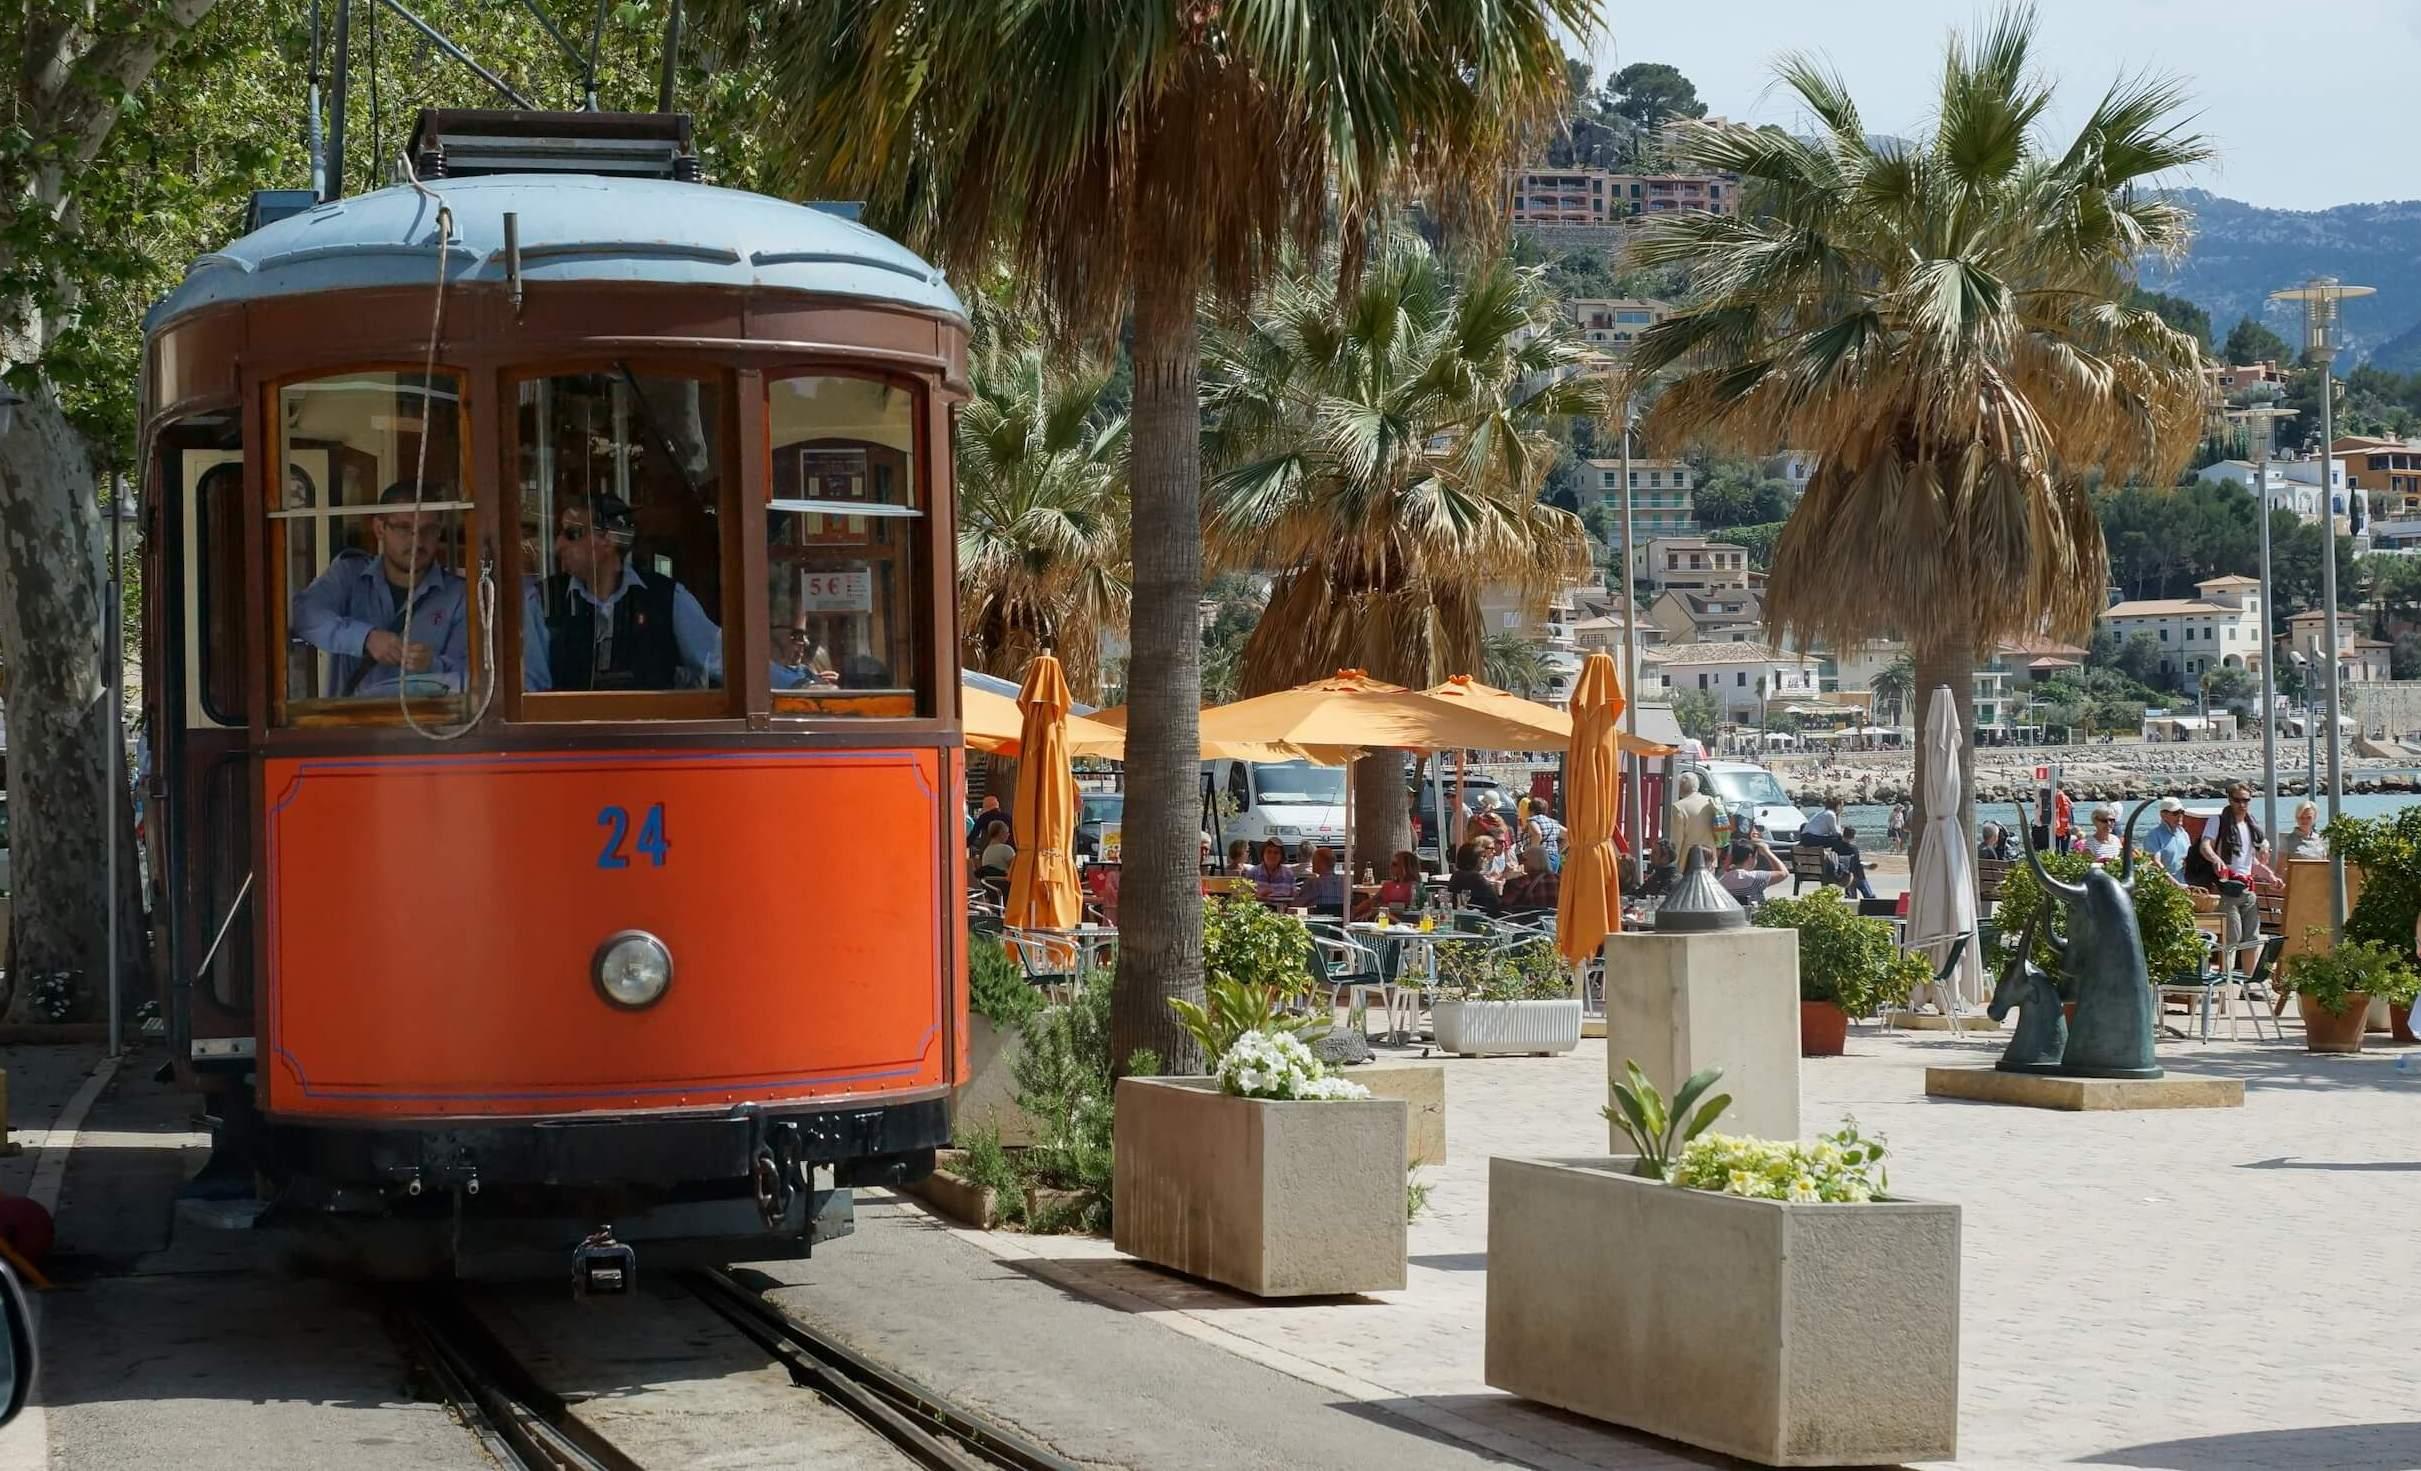 Tren de Soller - Carrer de la Marina - Hafen Port Soller